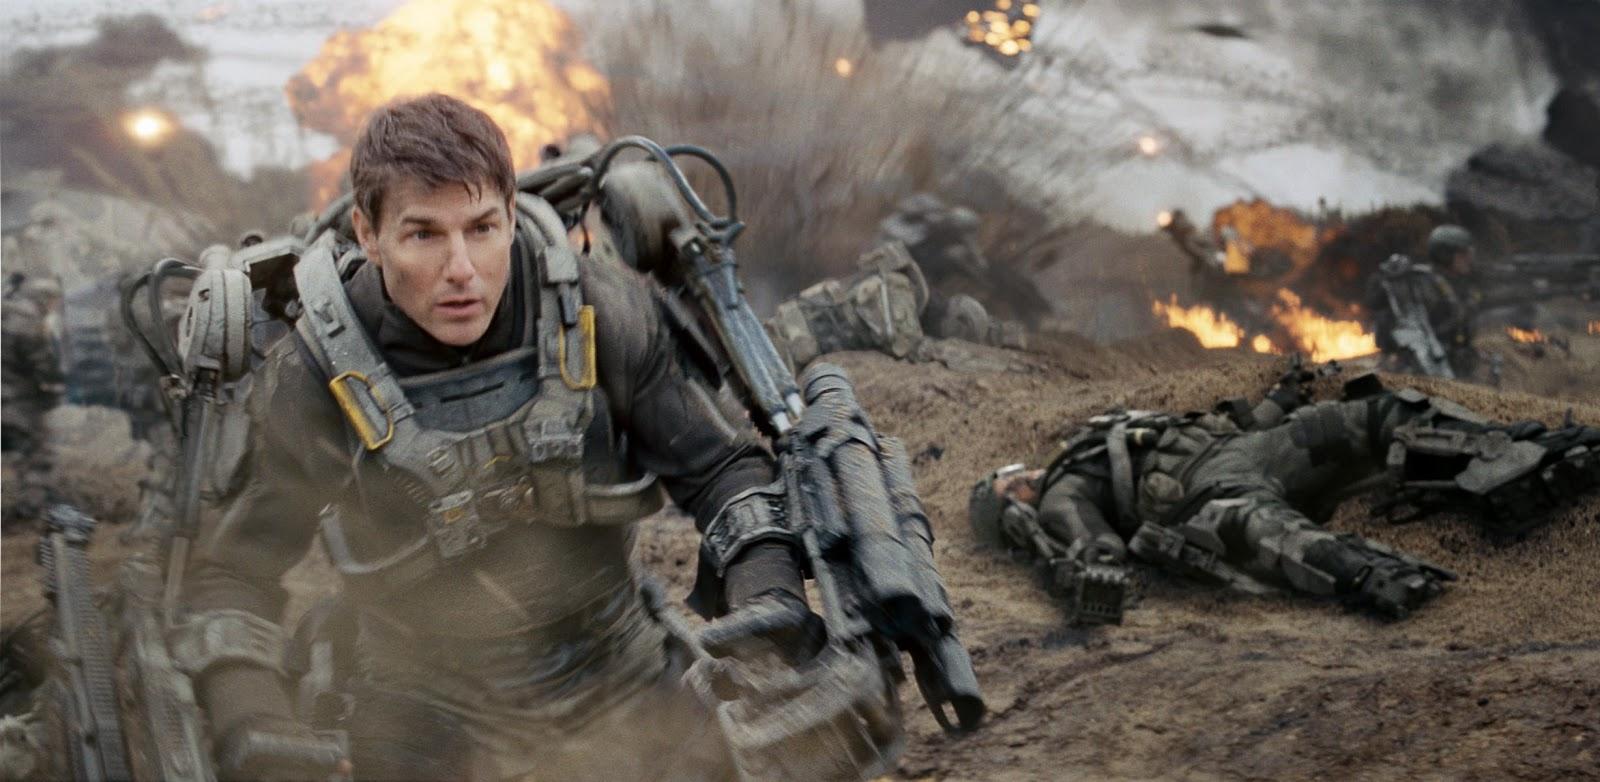 Mais ação no trailer final de No Limite do Amanhã, com Tom Cruise e Emily Blunt